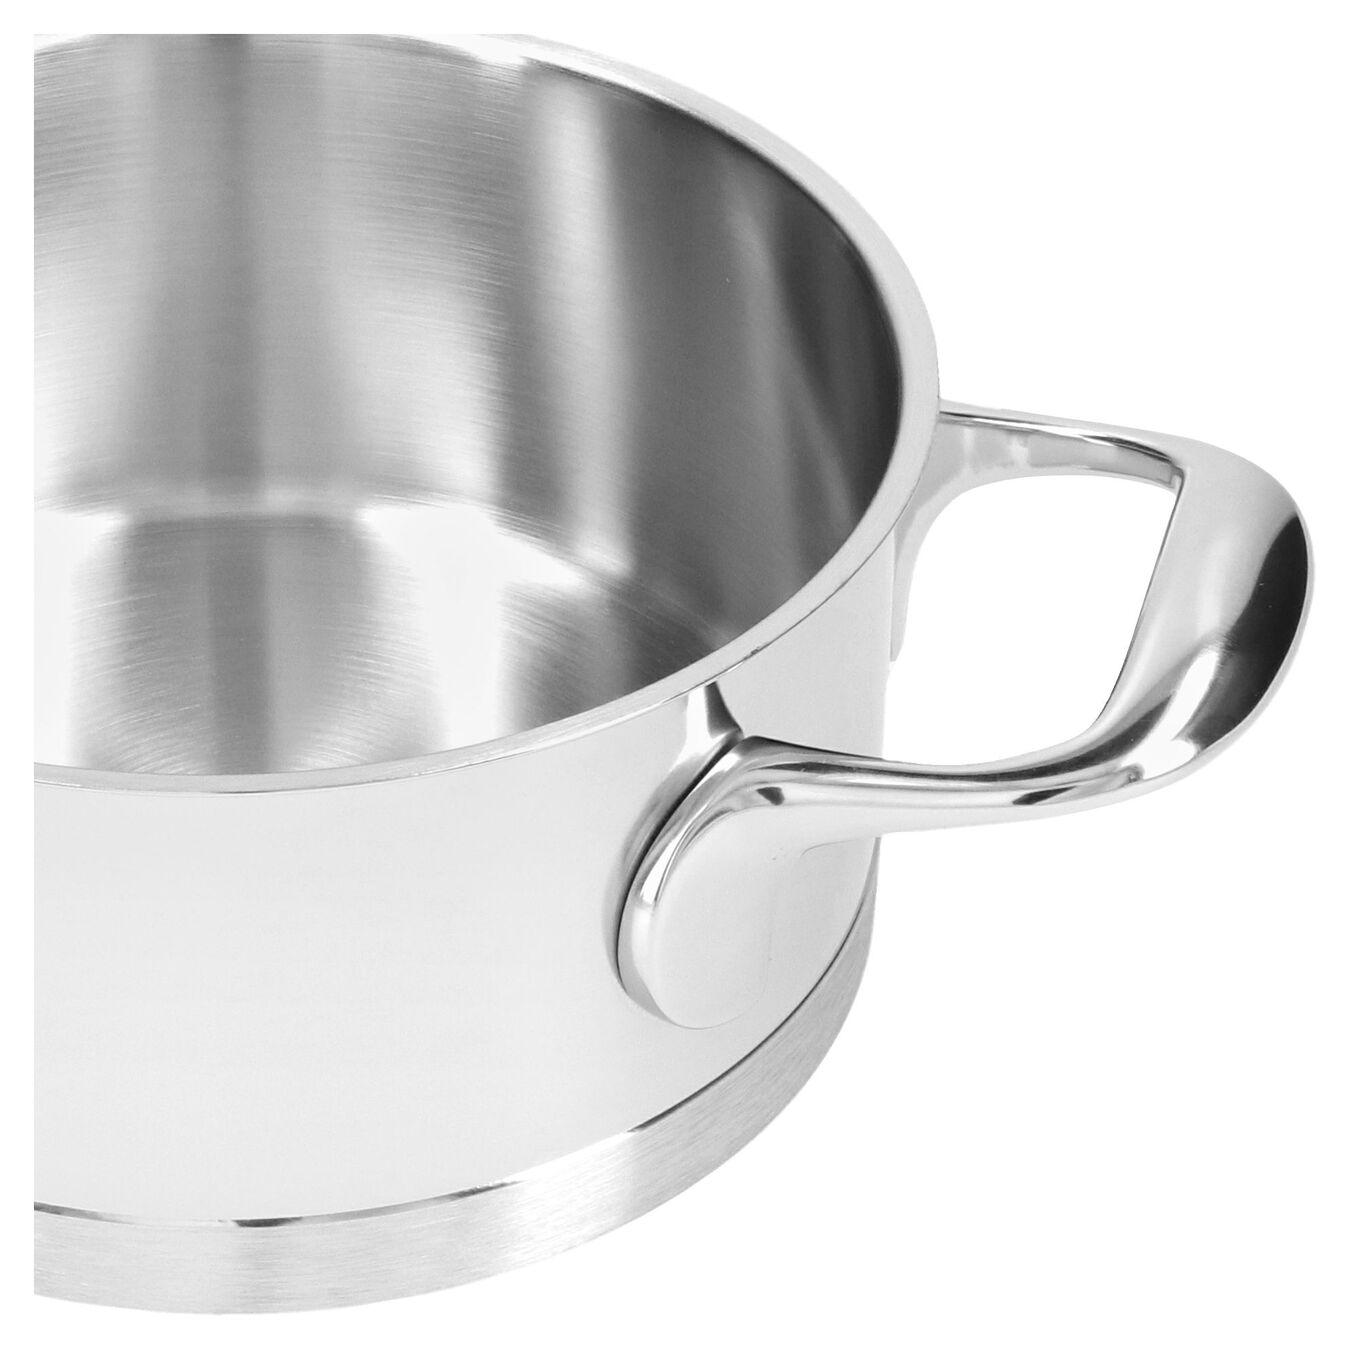 Kookpan met deksel 16 cm / 1.5 l,,large 2